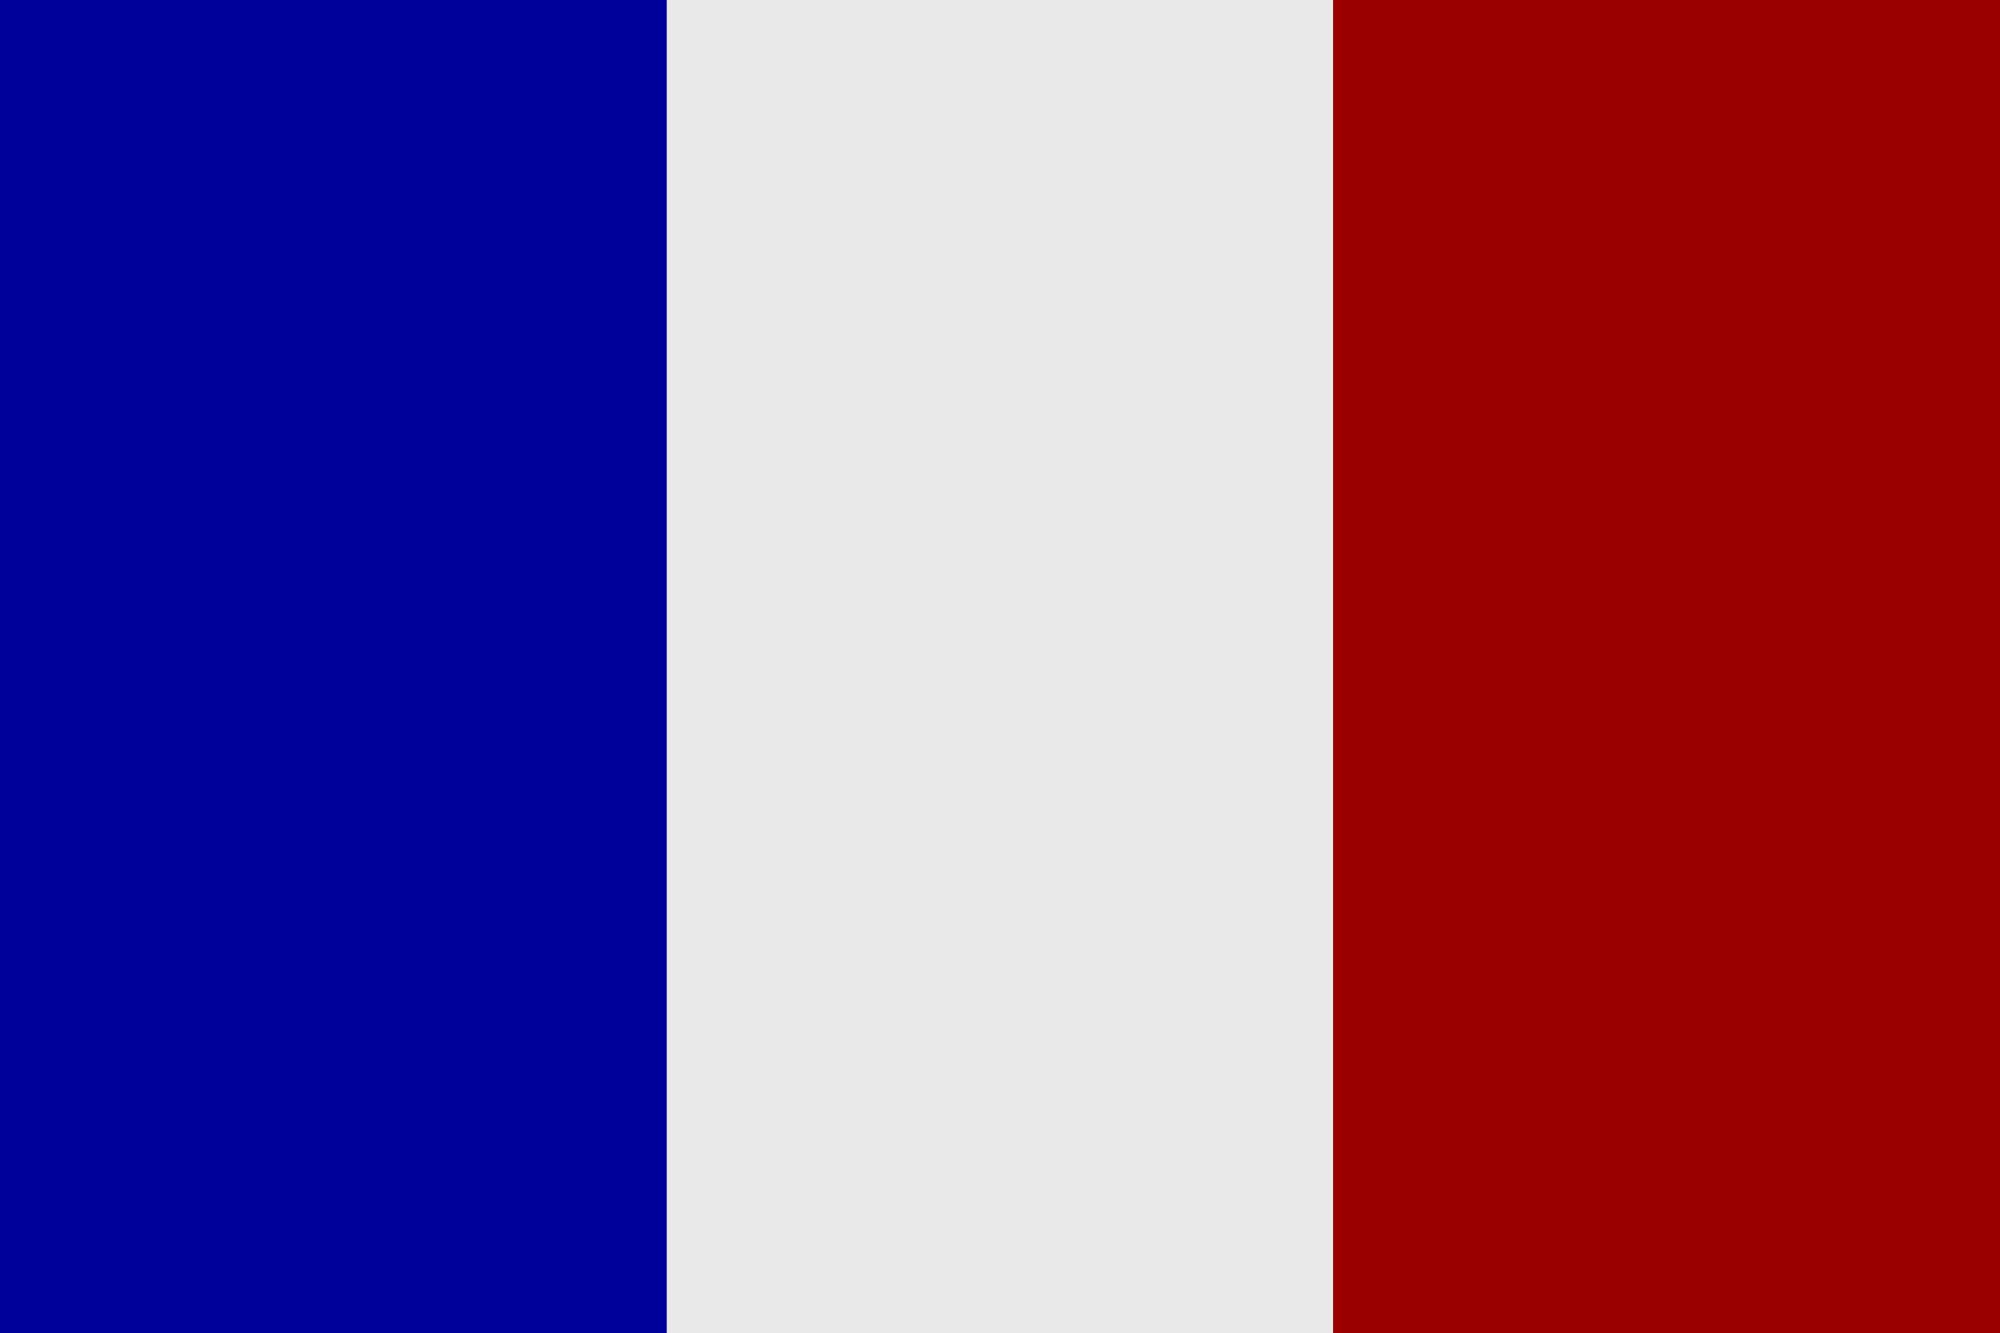 französisch -